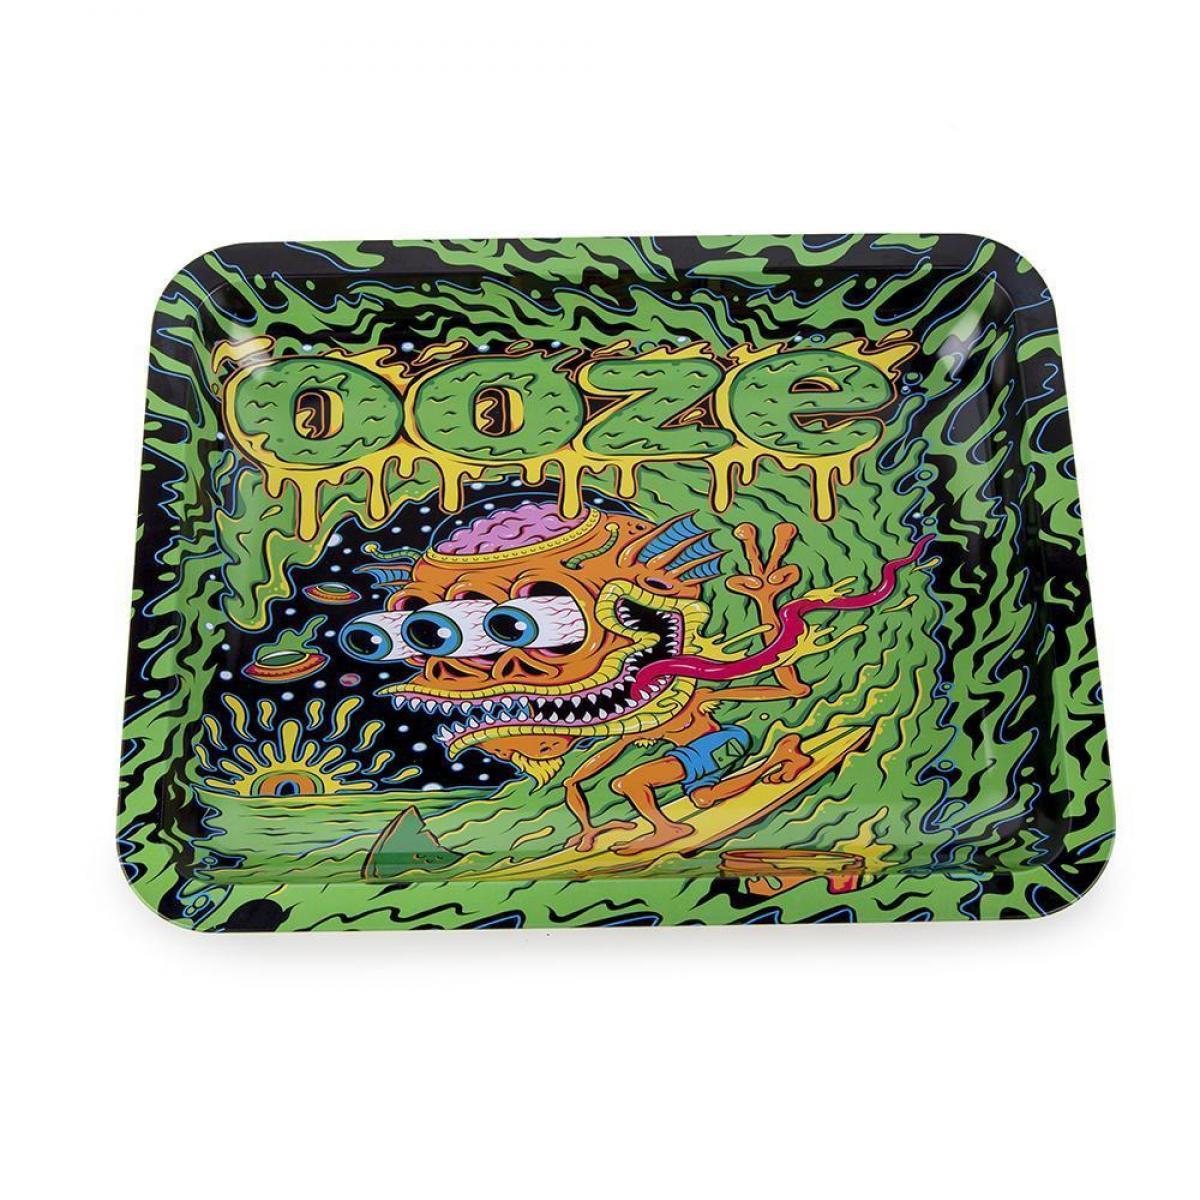 Ooze Rolling Tray - Surfer - MEDIUM